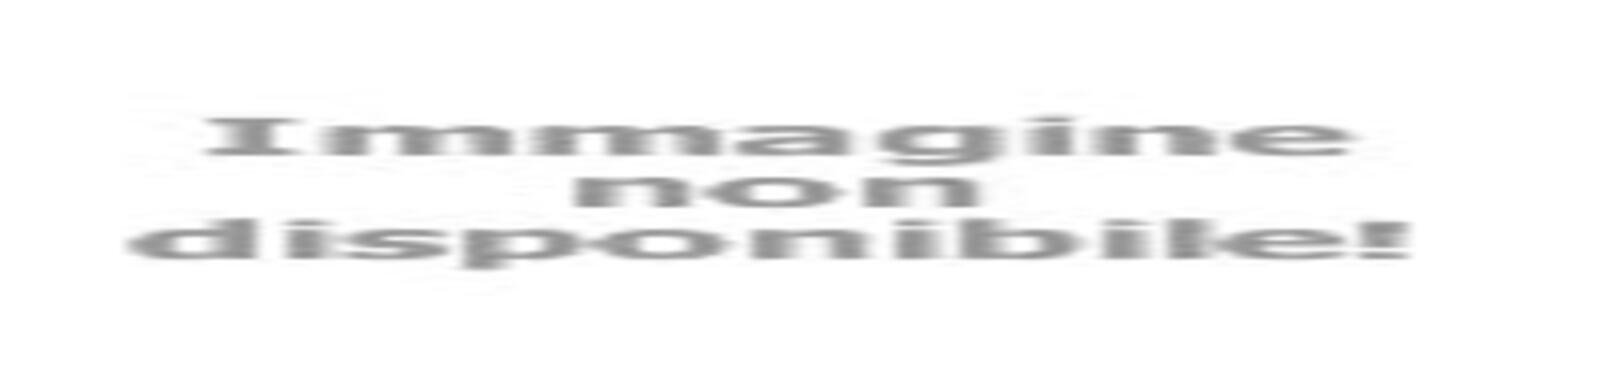 petronianaviaggi it san-martino-maggiore-basilica-e-chiostro-v362 002